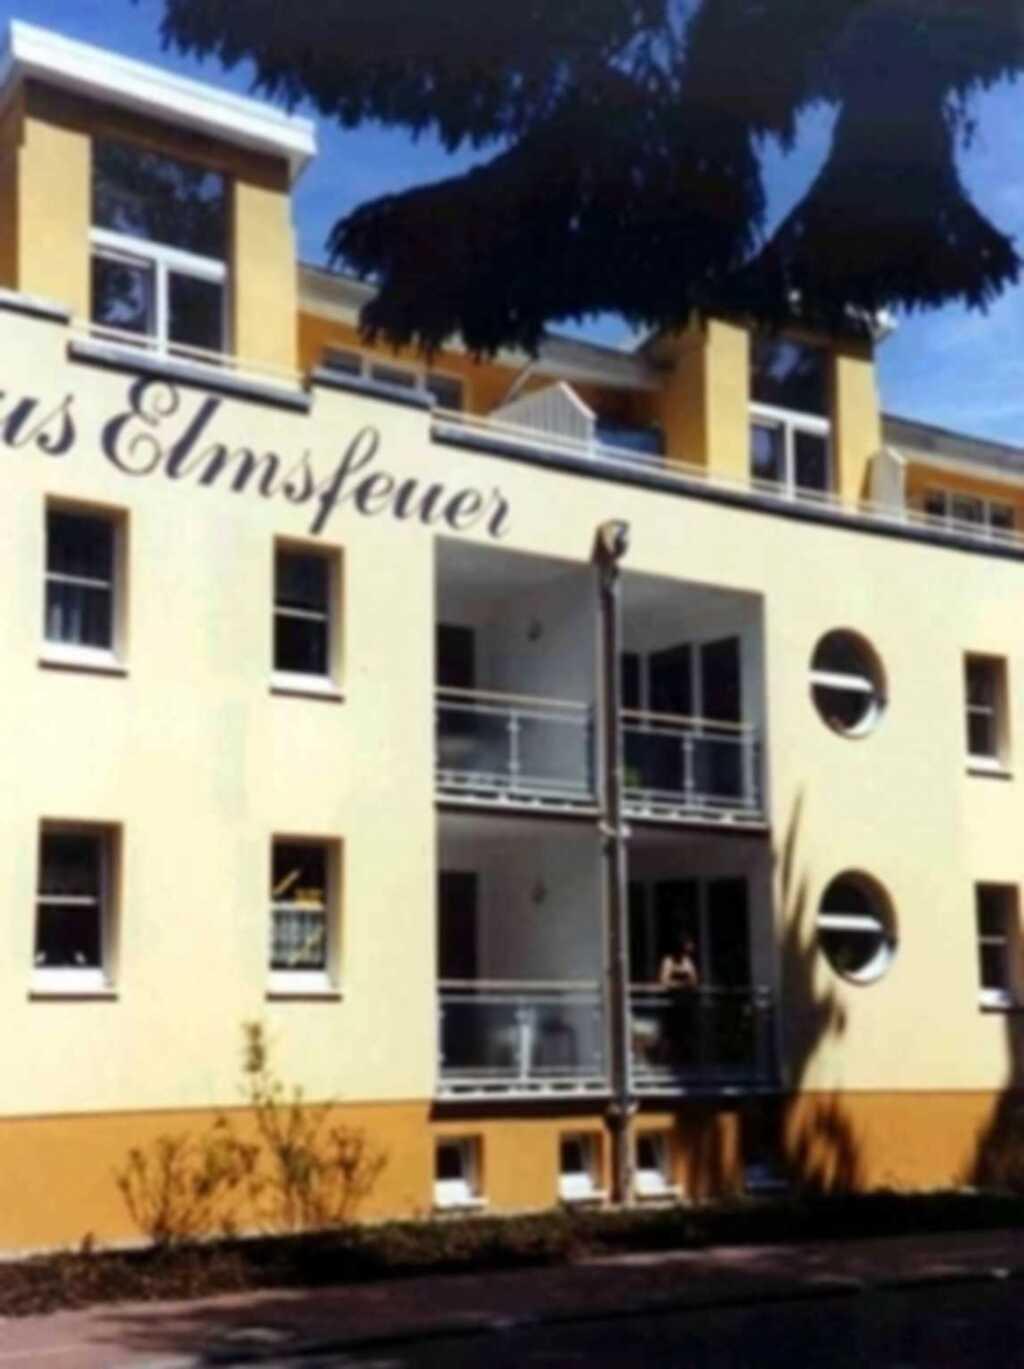 *Haus Elmsfeuer - Schlicht GM 71147, Haus Elmsfeue